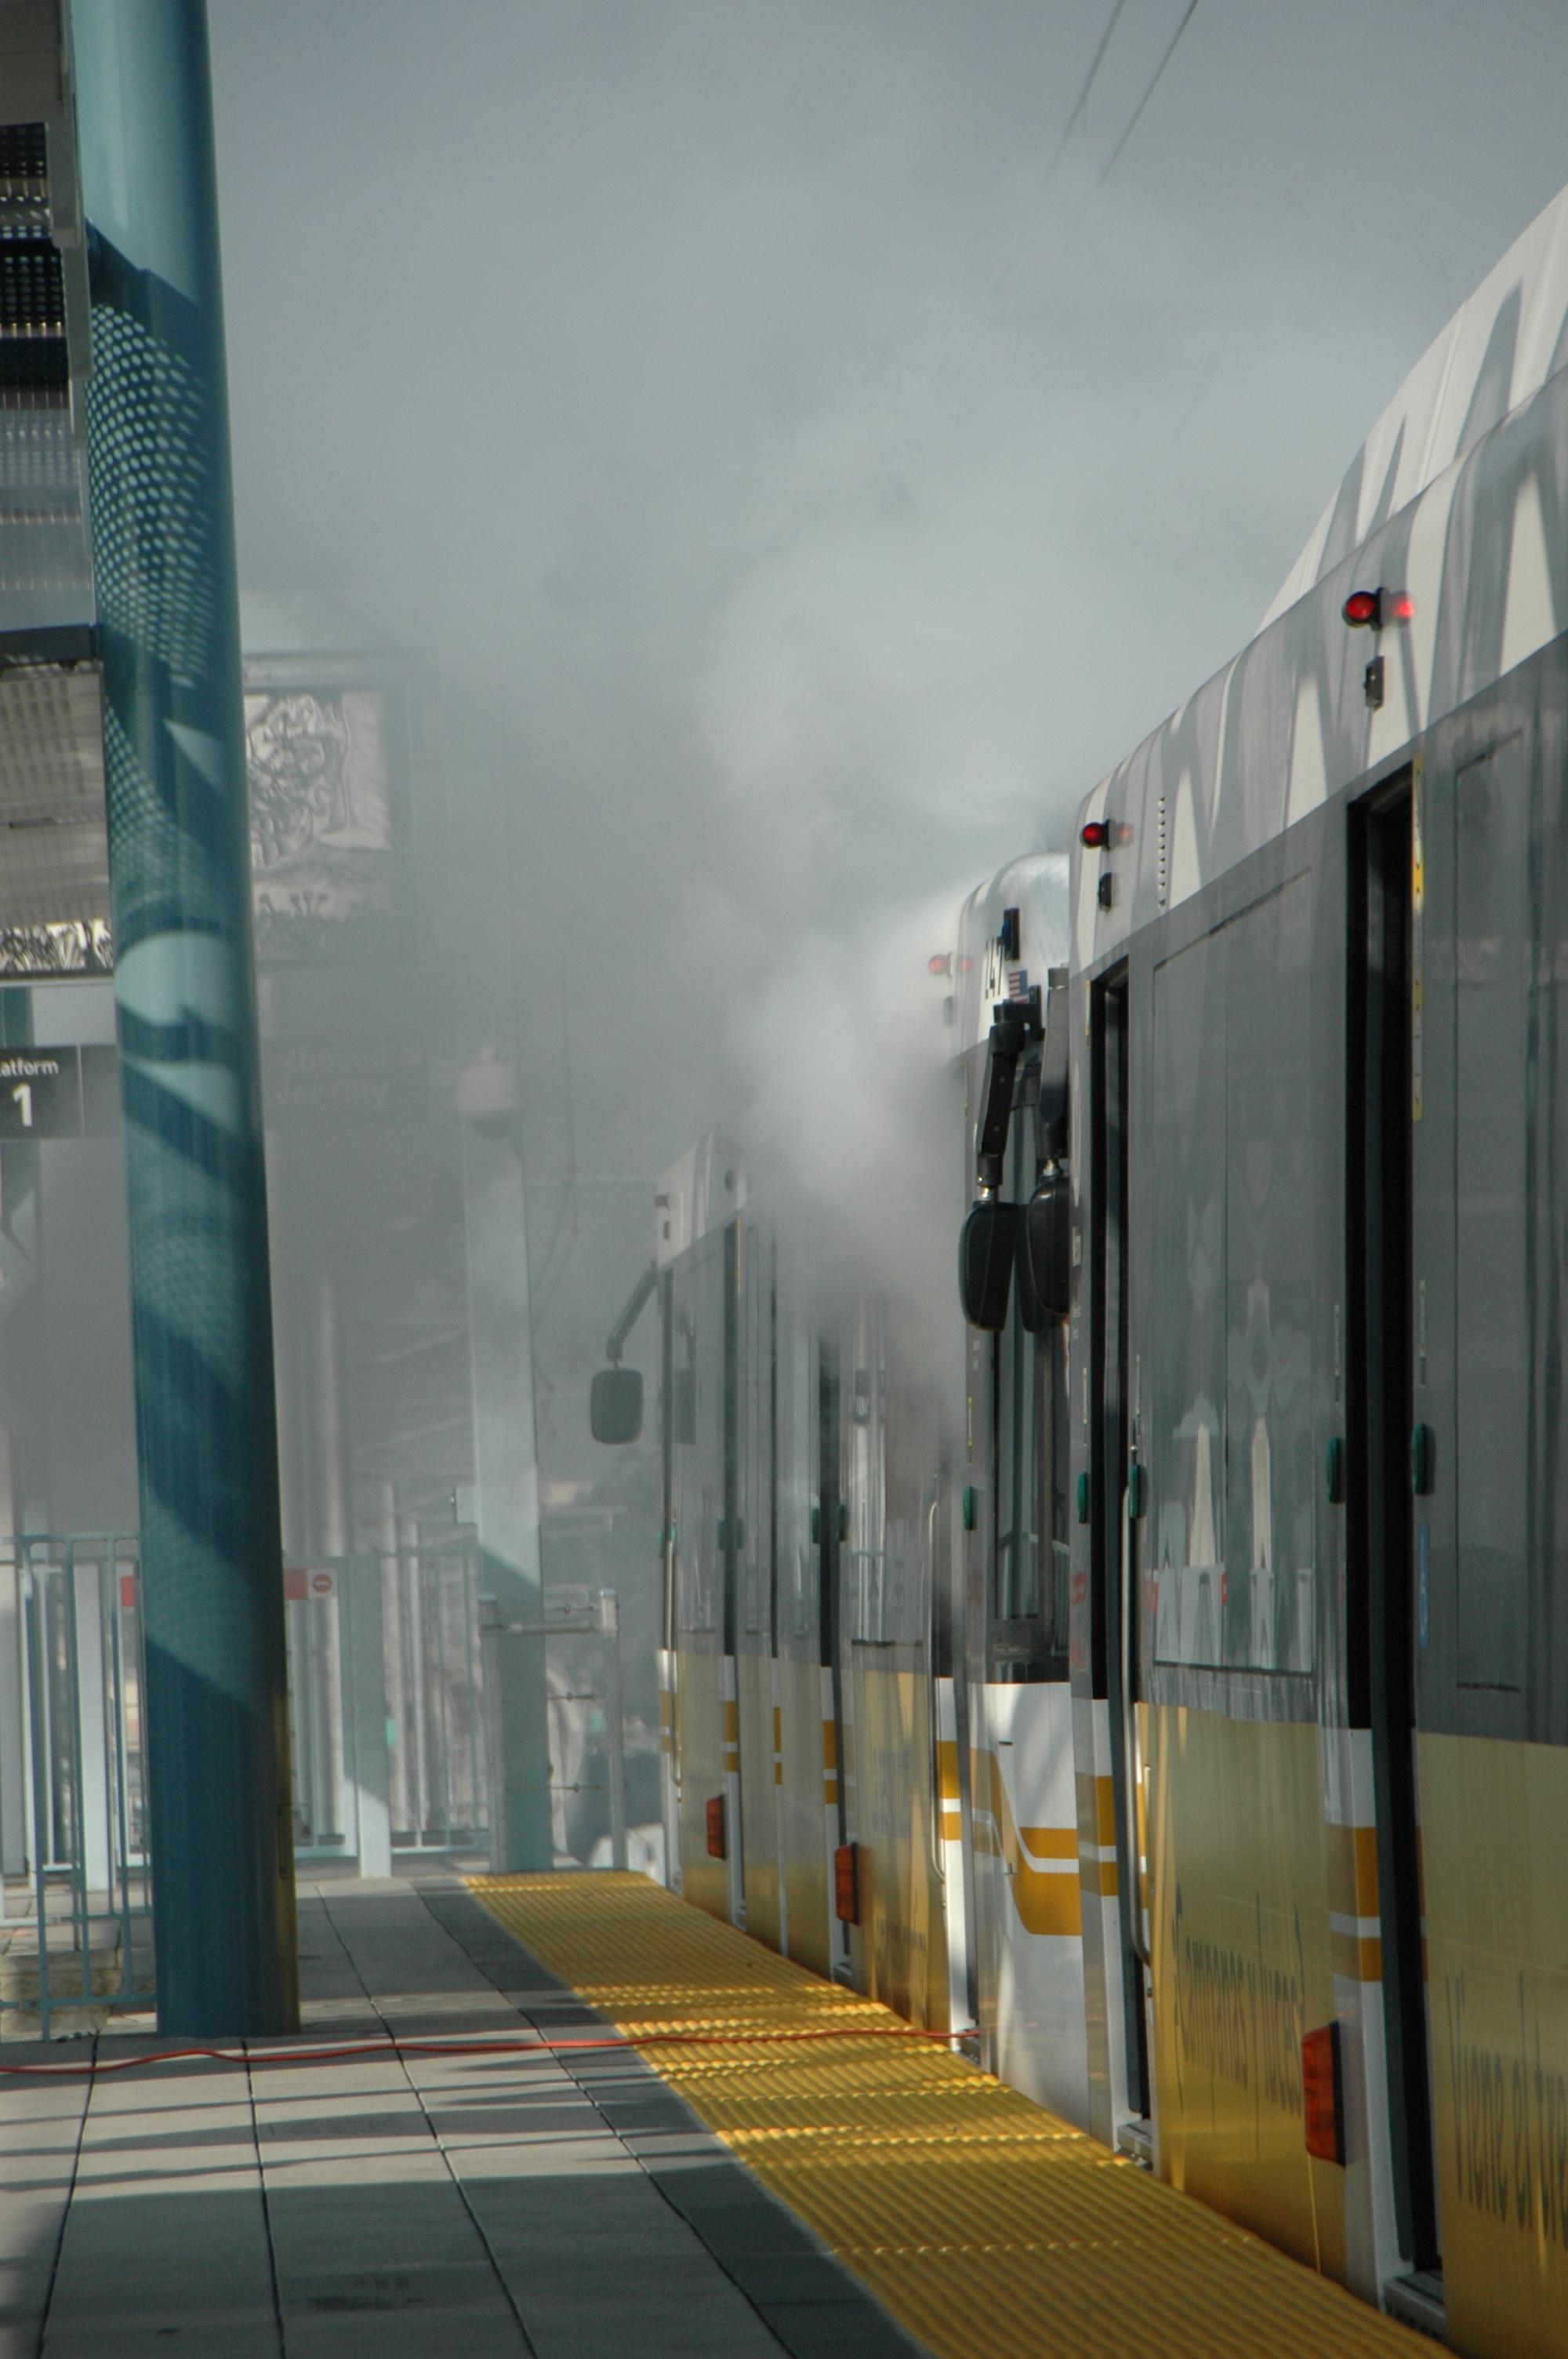 Simulacro de incendio en la estación La Cienega/Jefferson efectuado ayer jueves. (Foto José Ubaldo/El Pasajero).